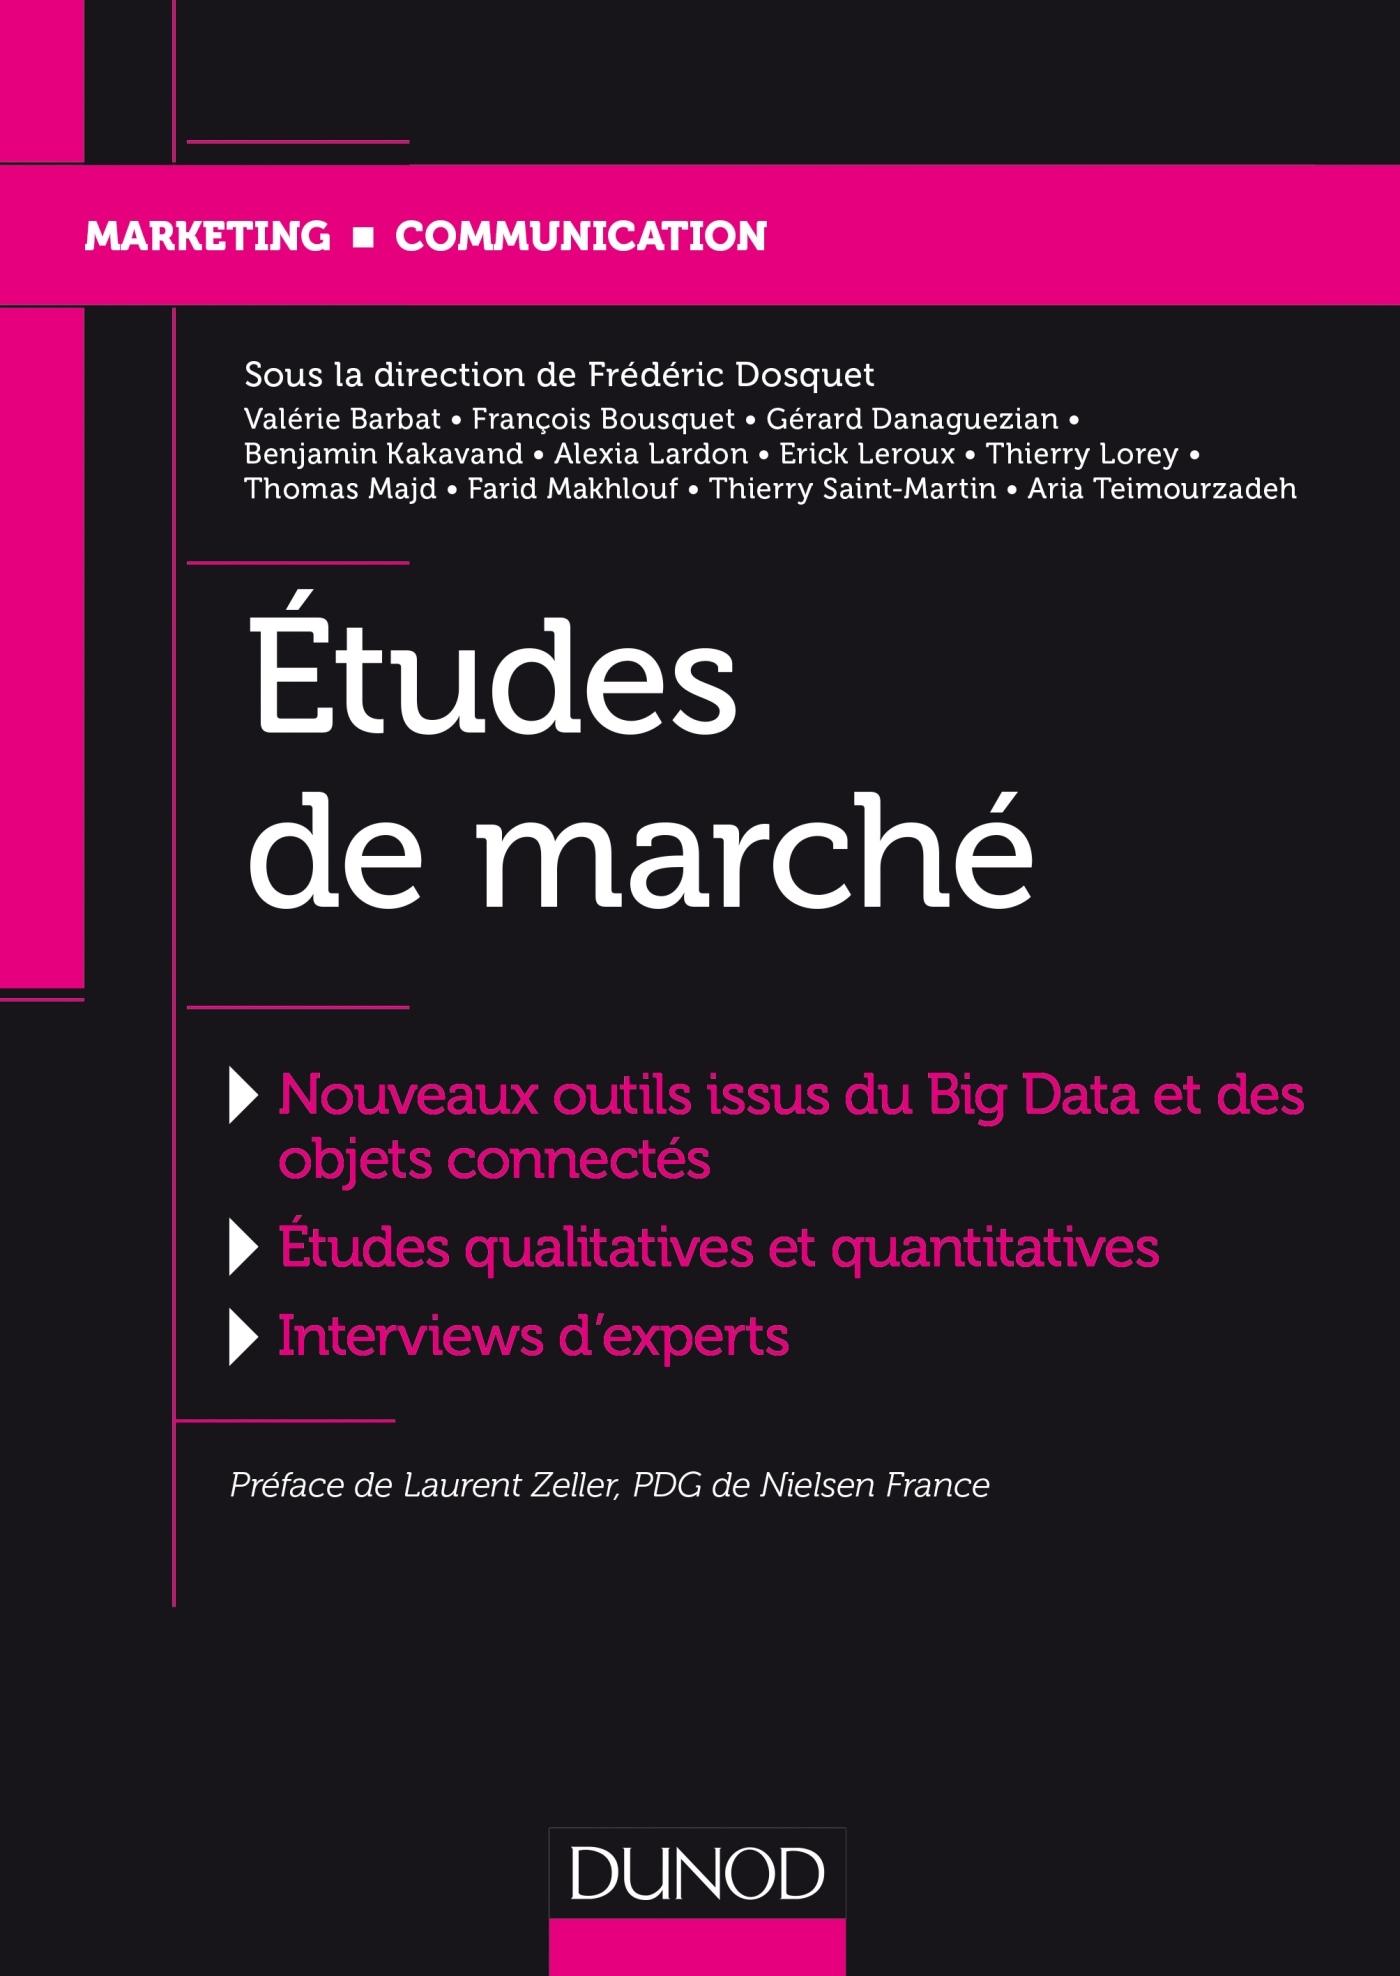 ETUDES DE MARCHE